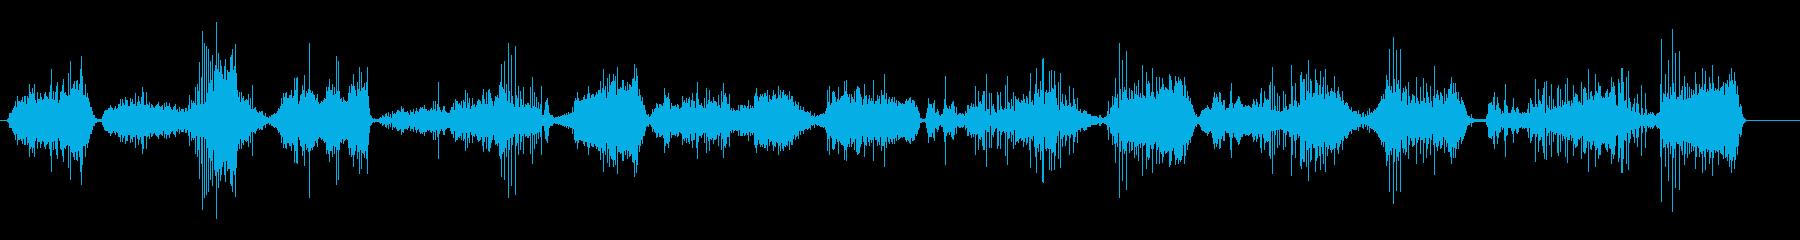 ドラゴンの呼吸;ドラゴンズ・ロー・...の再生済みの波形